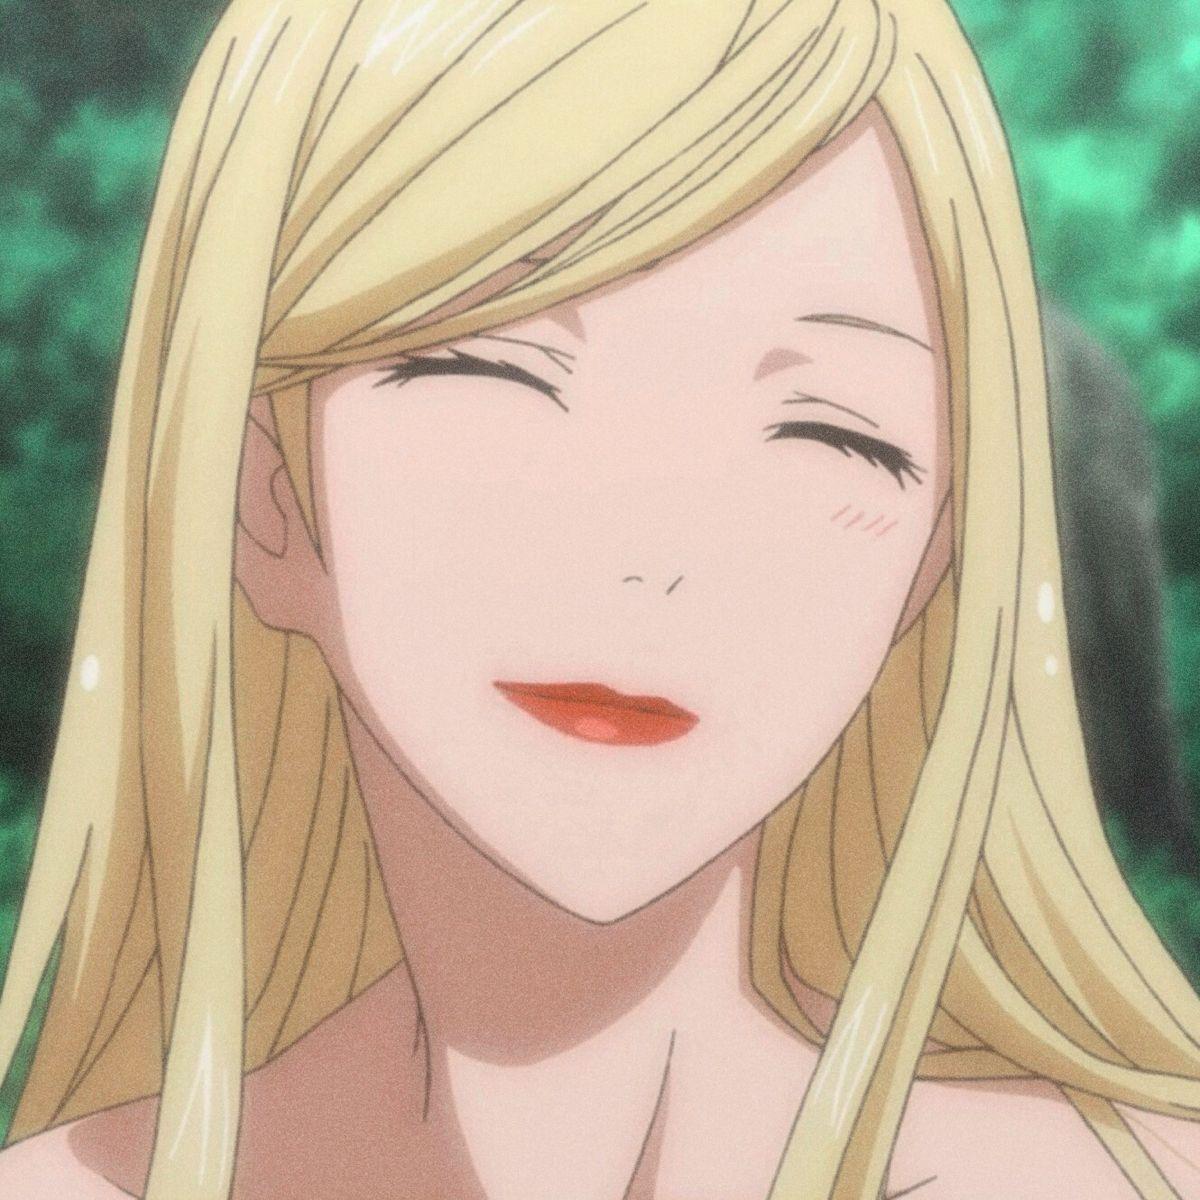 Qual sua personagem feminina favorita de todos animes? Ba51ca79ad7ef1bac248215ab884ba48